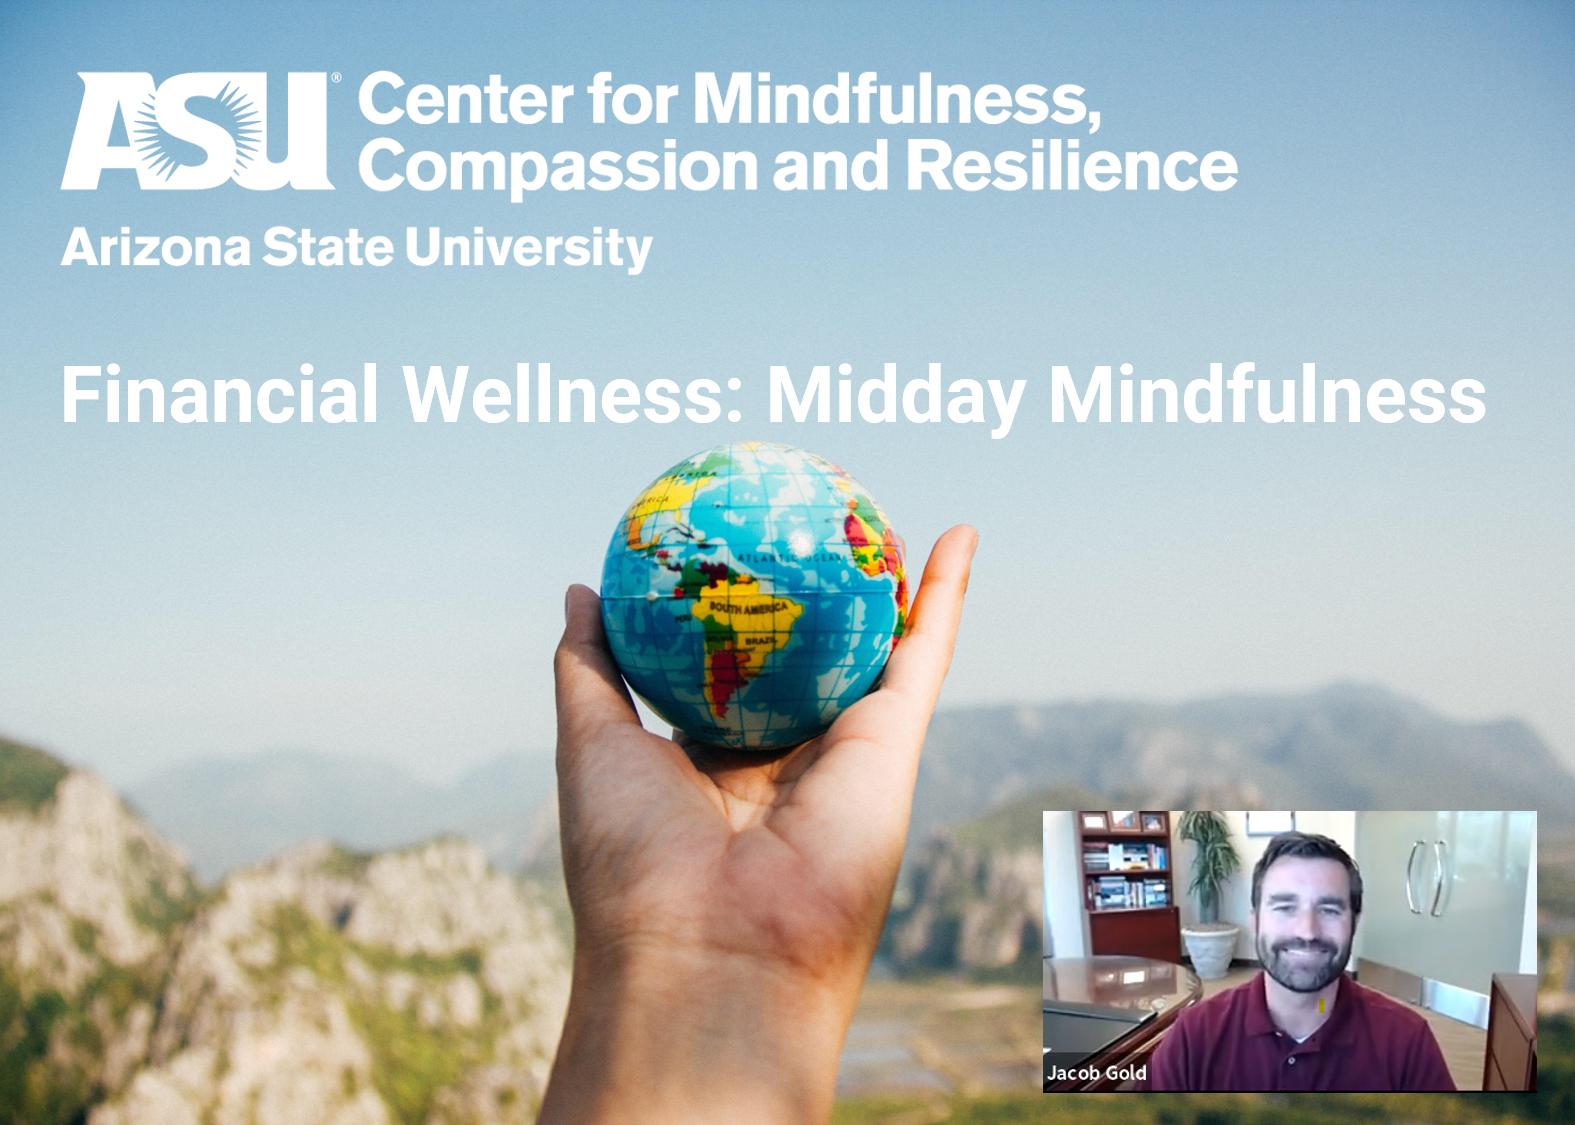 Financial Wellness: Midday Mindfulness: Arizona State University (Video) Thumbnail